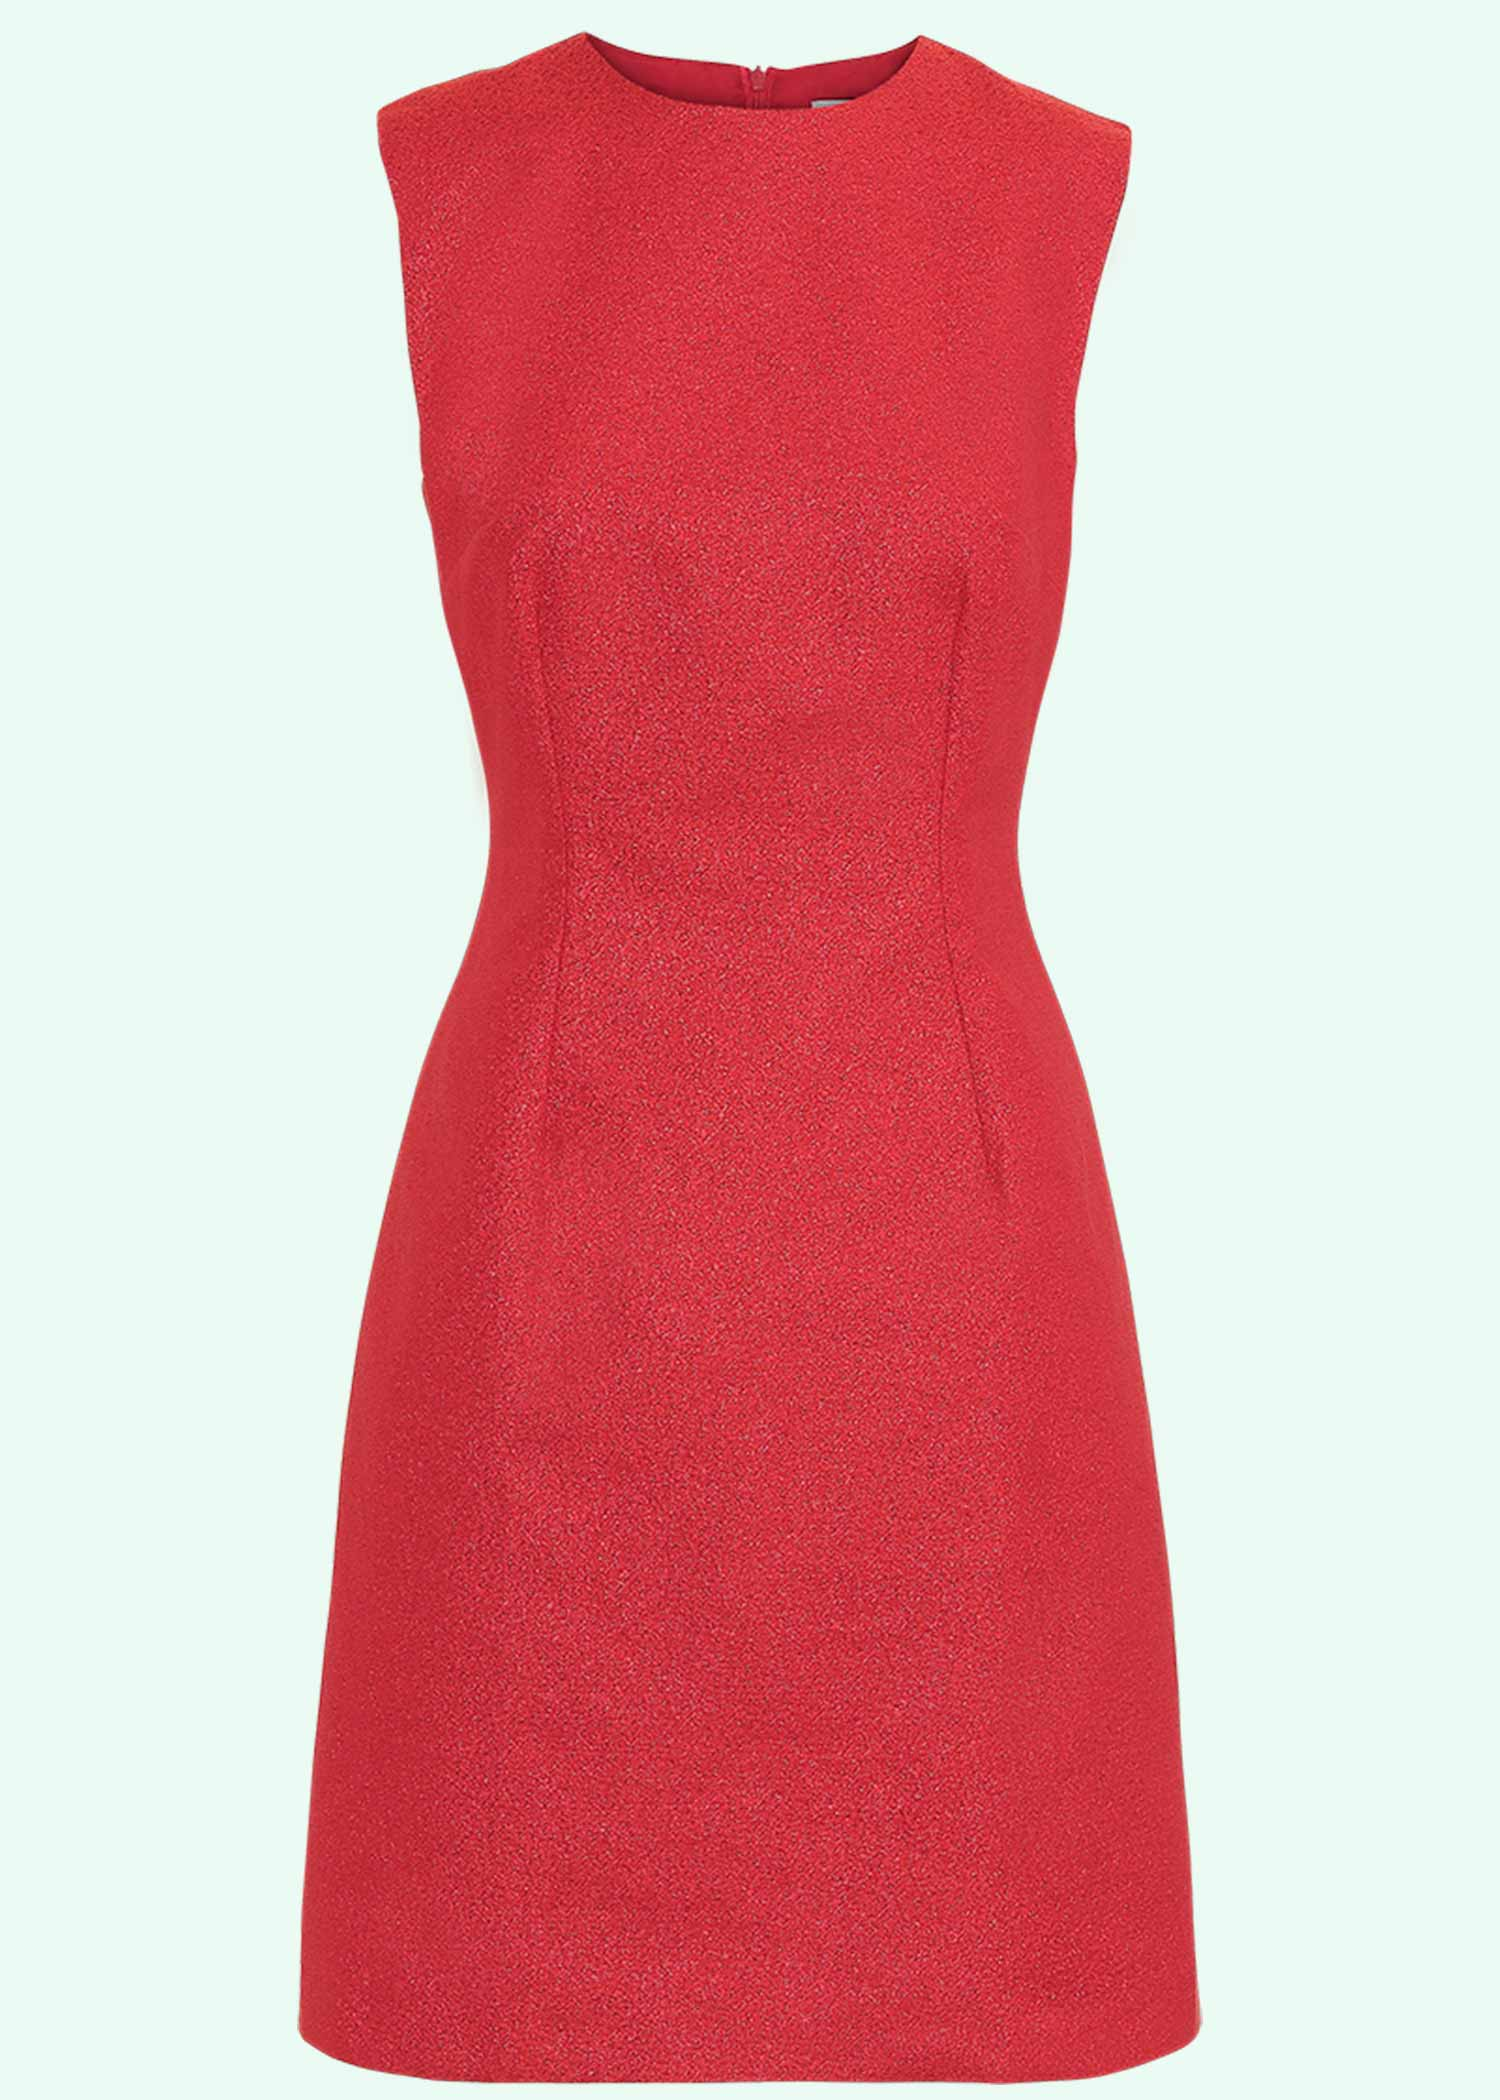 60'er Mini kjole i rød glitter fra Marmalade